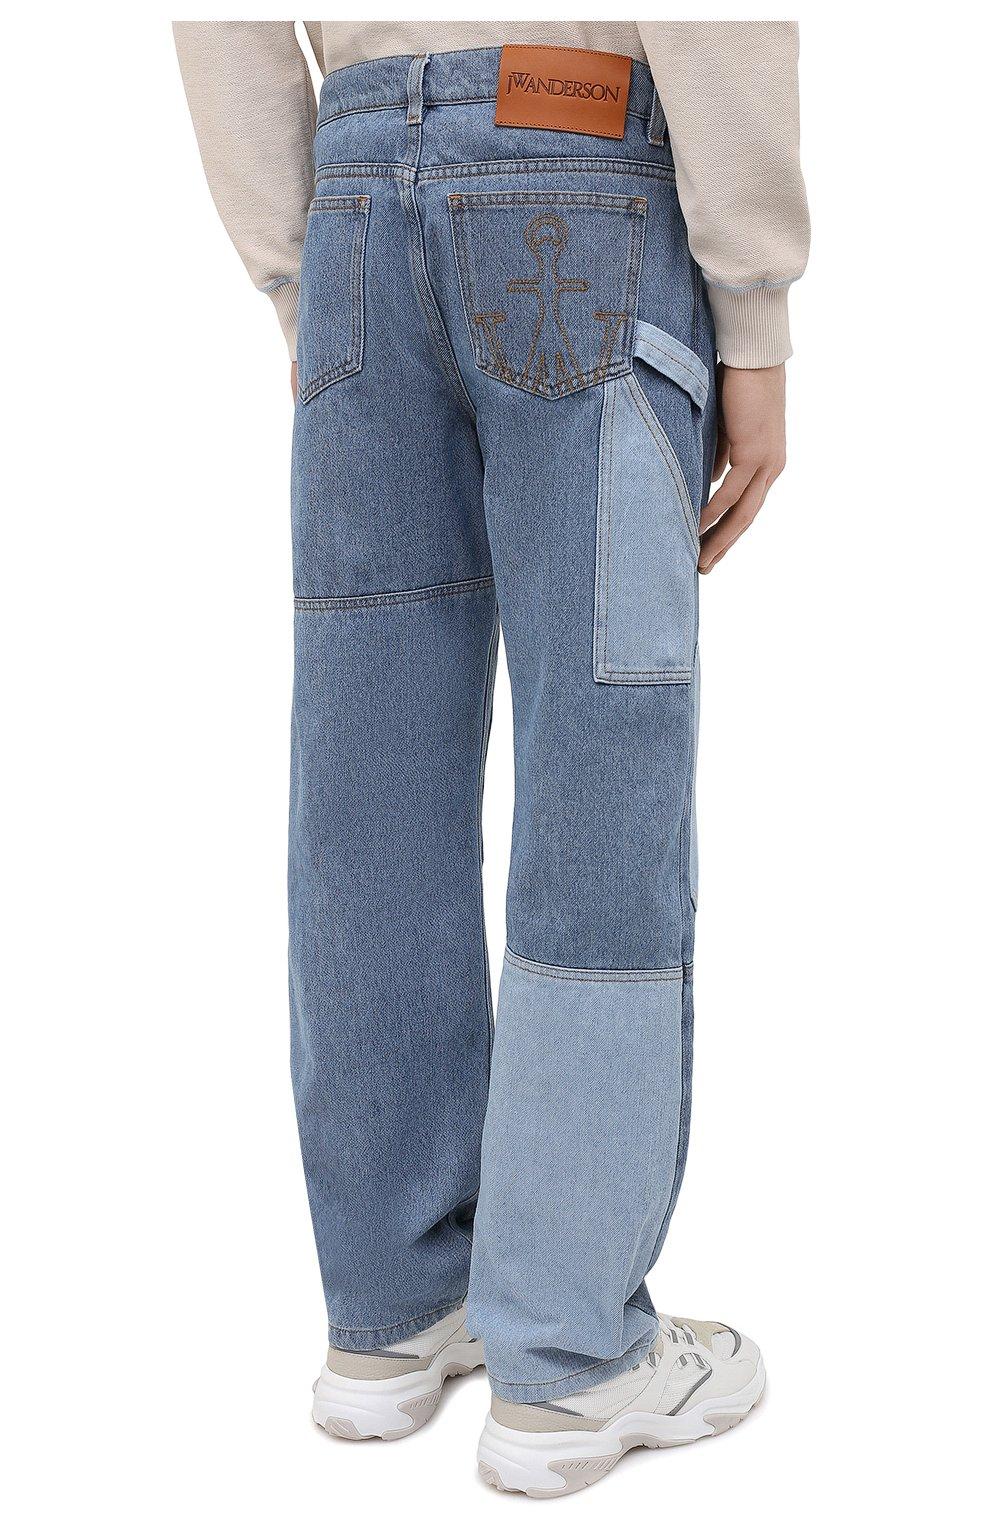 Мужские джинсы JW ANDERSON синего цвета, арт. DT0006 PG0427 | Фото 4 (Силуэт М (брюки): Широкие; Кросс-КТ: Деним; Длина (брюки, джинсы): Стандартные; Стили: Гранж; Материал внешний: Хлопок, Деним)